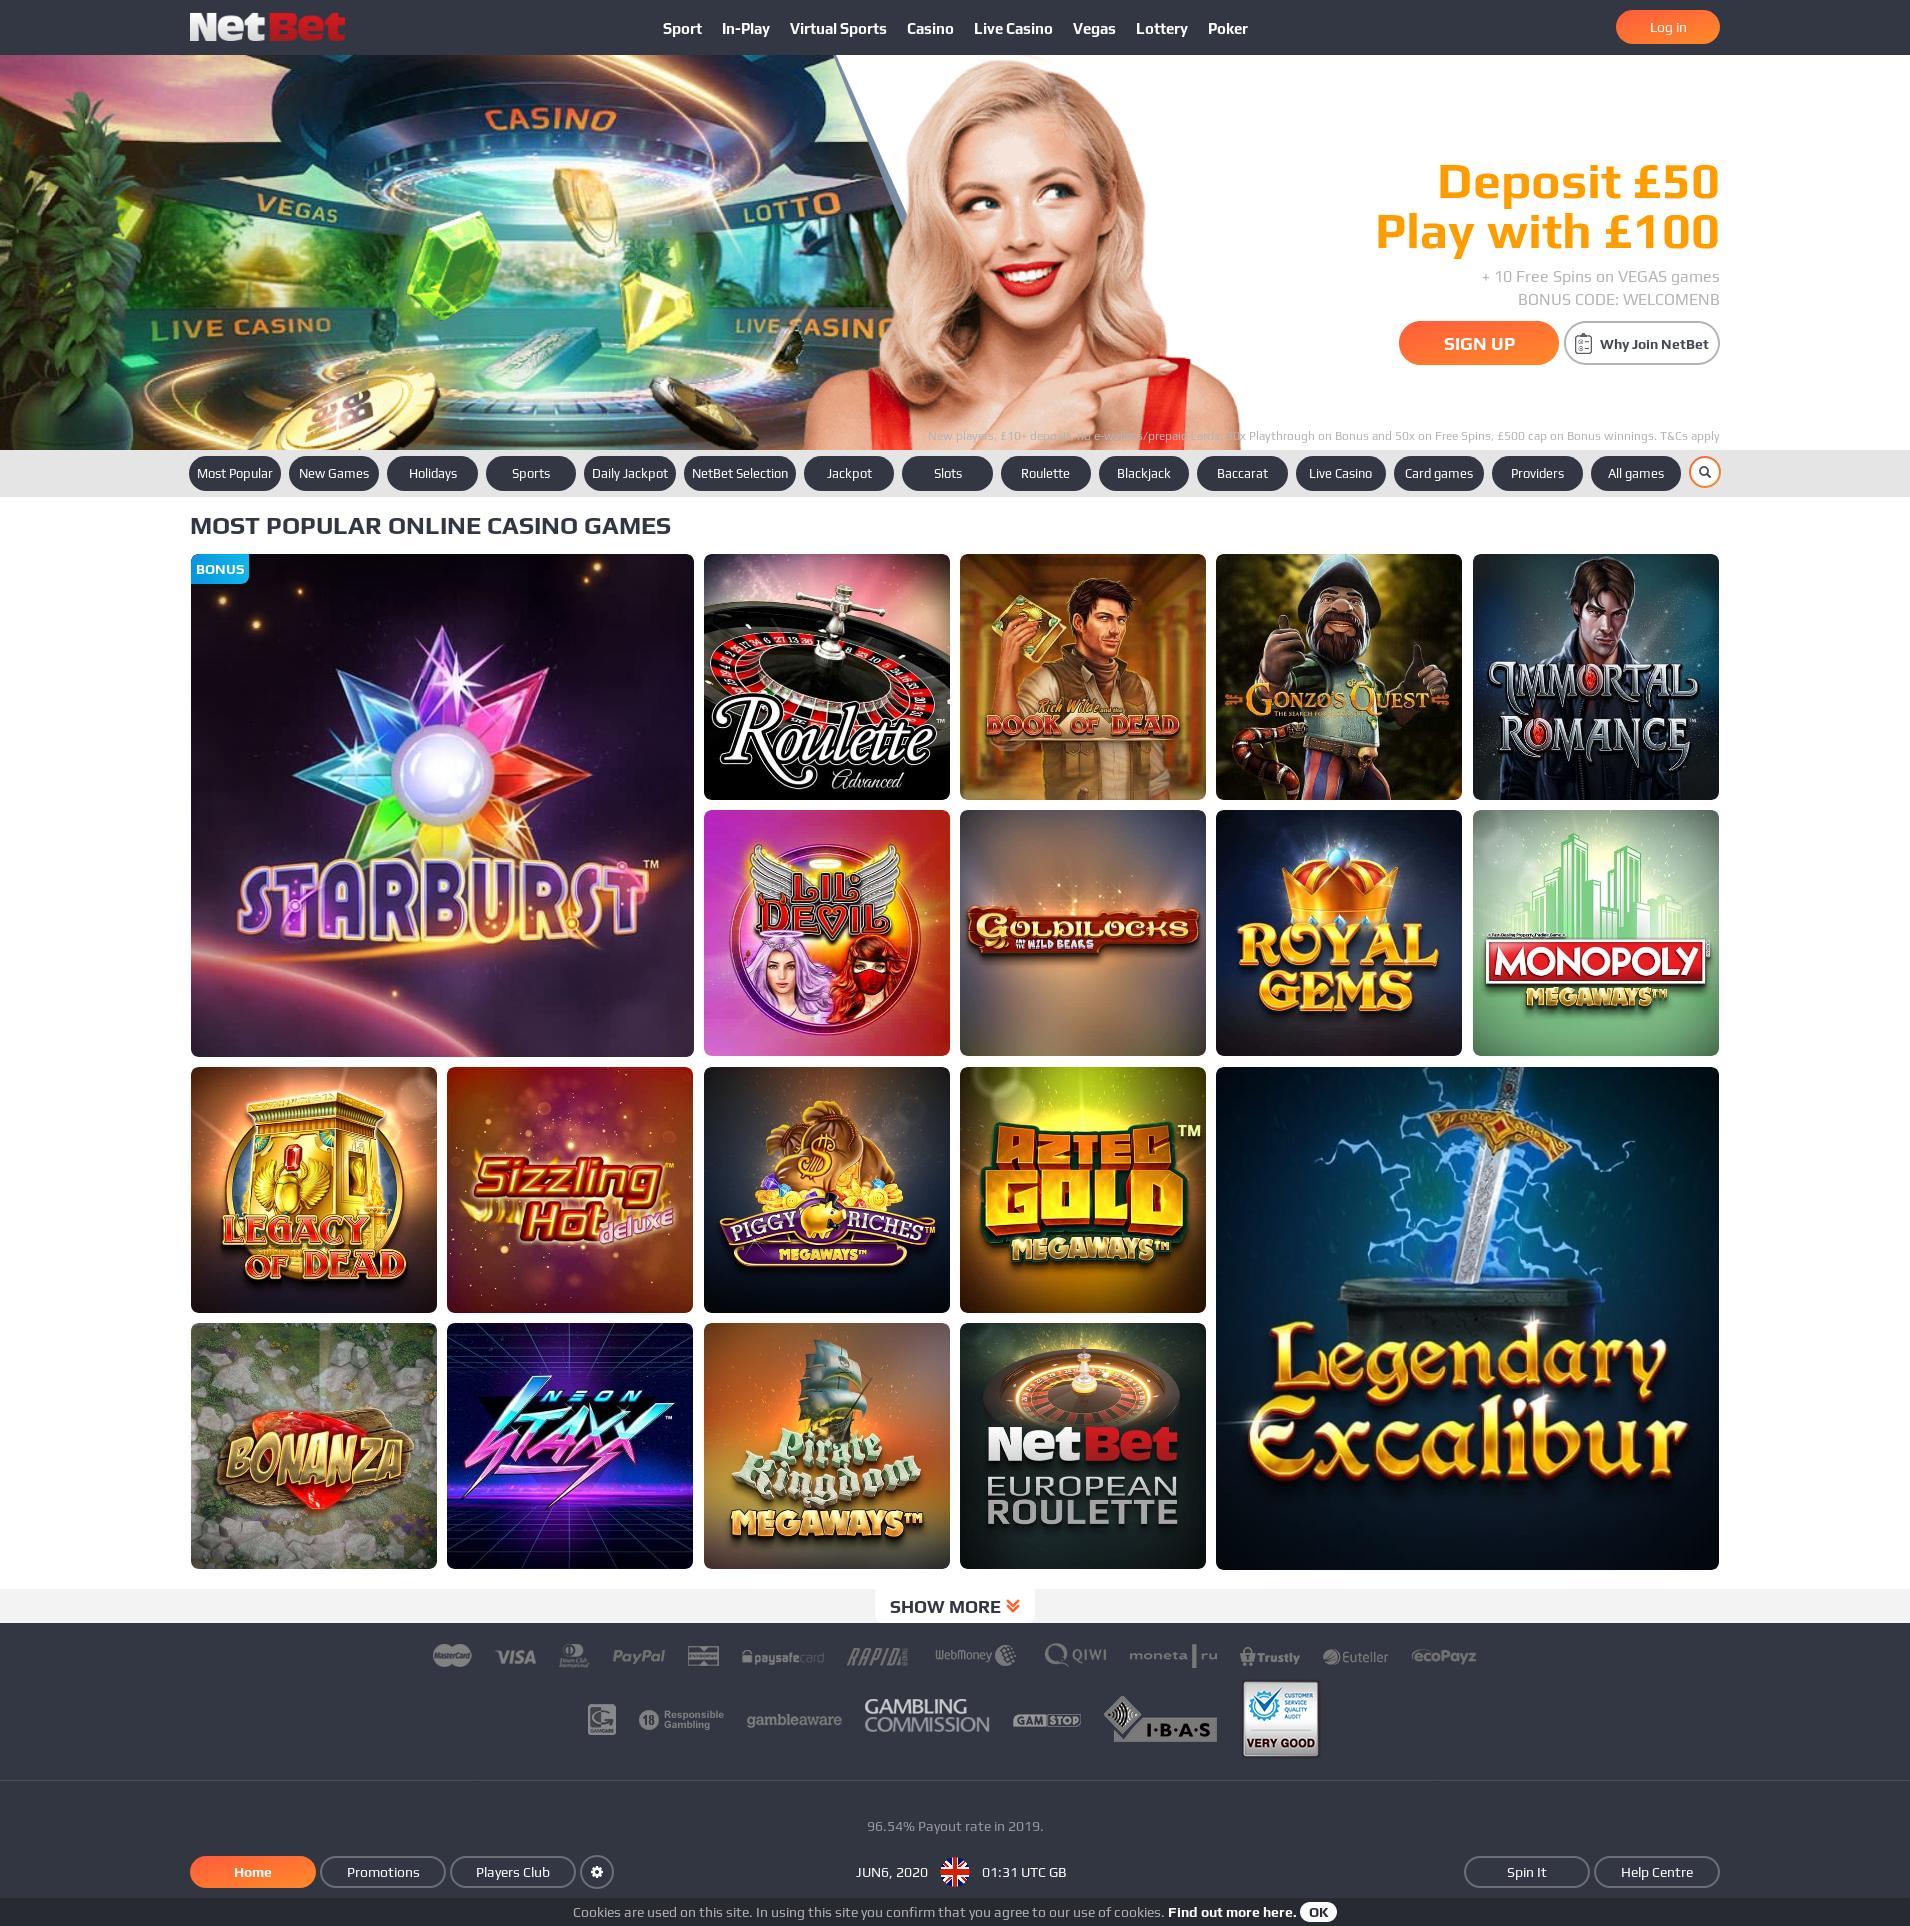 Καζίνο οθόνη Lobby 2020-06-06 Για Ηνωμένο Βασίλειο